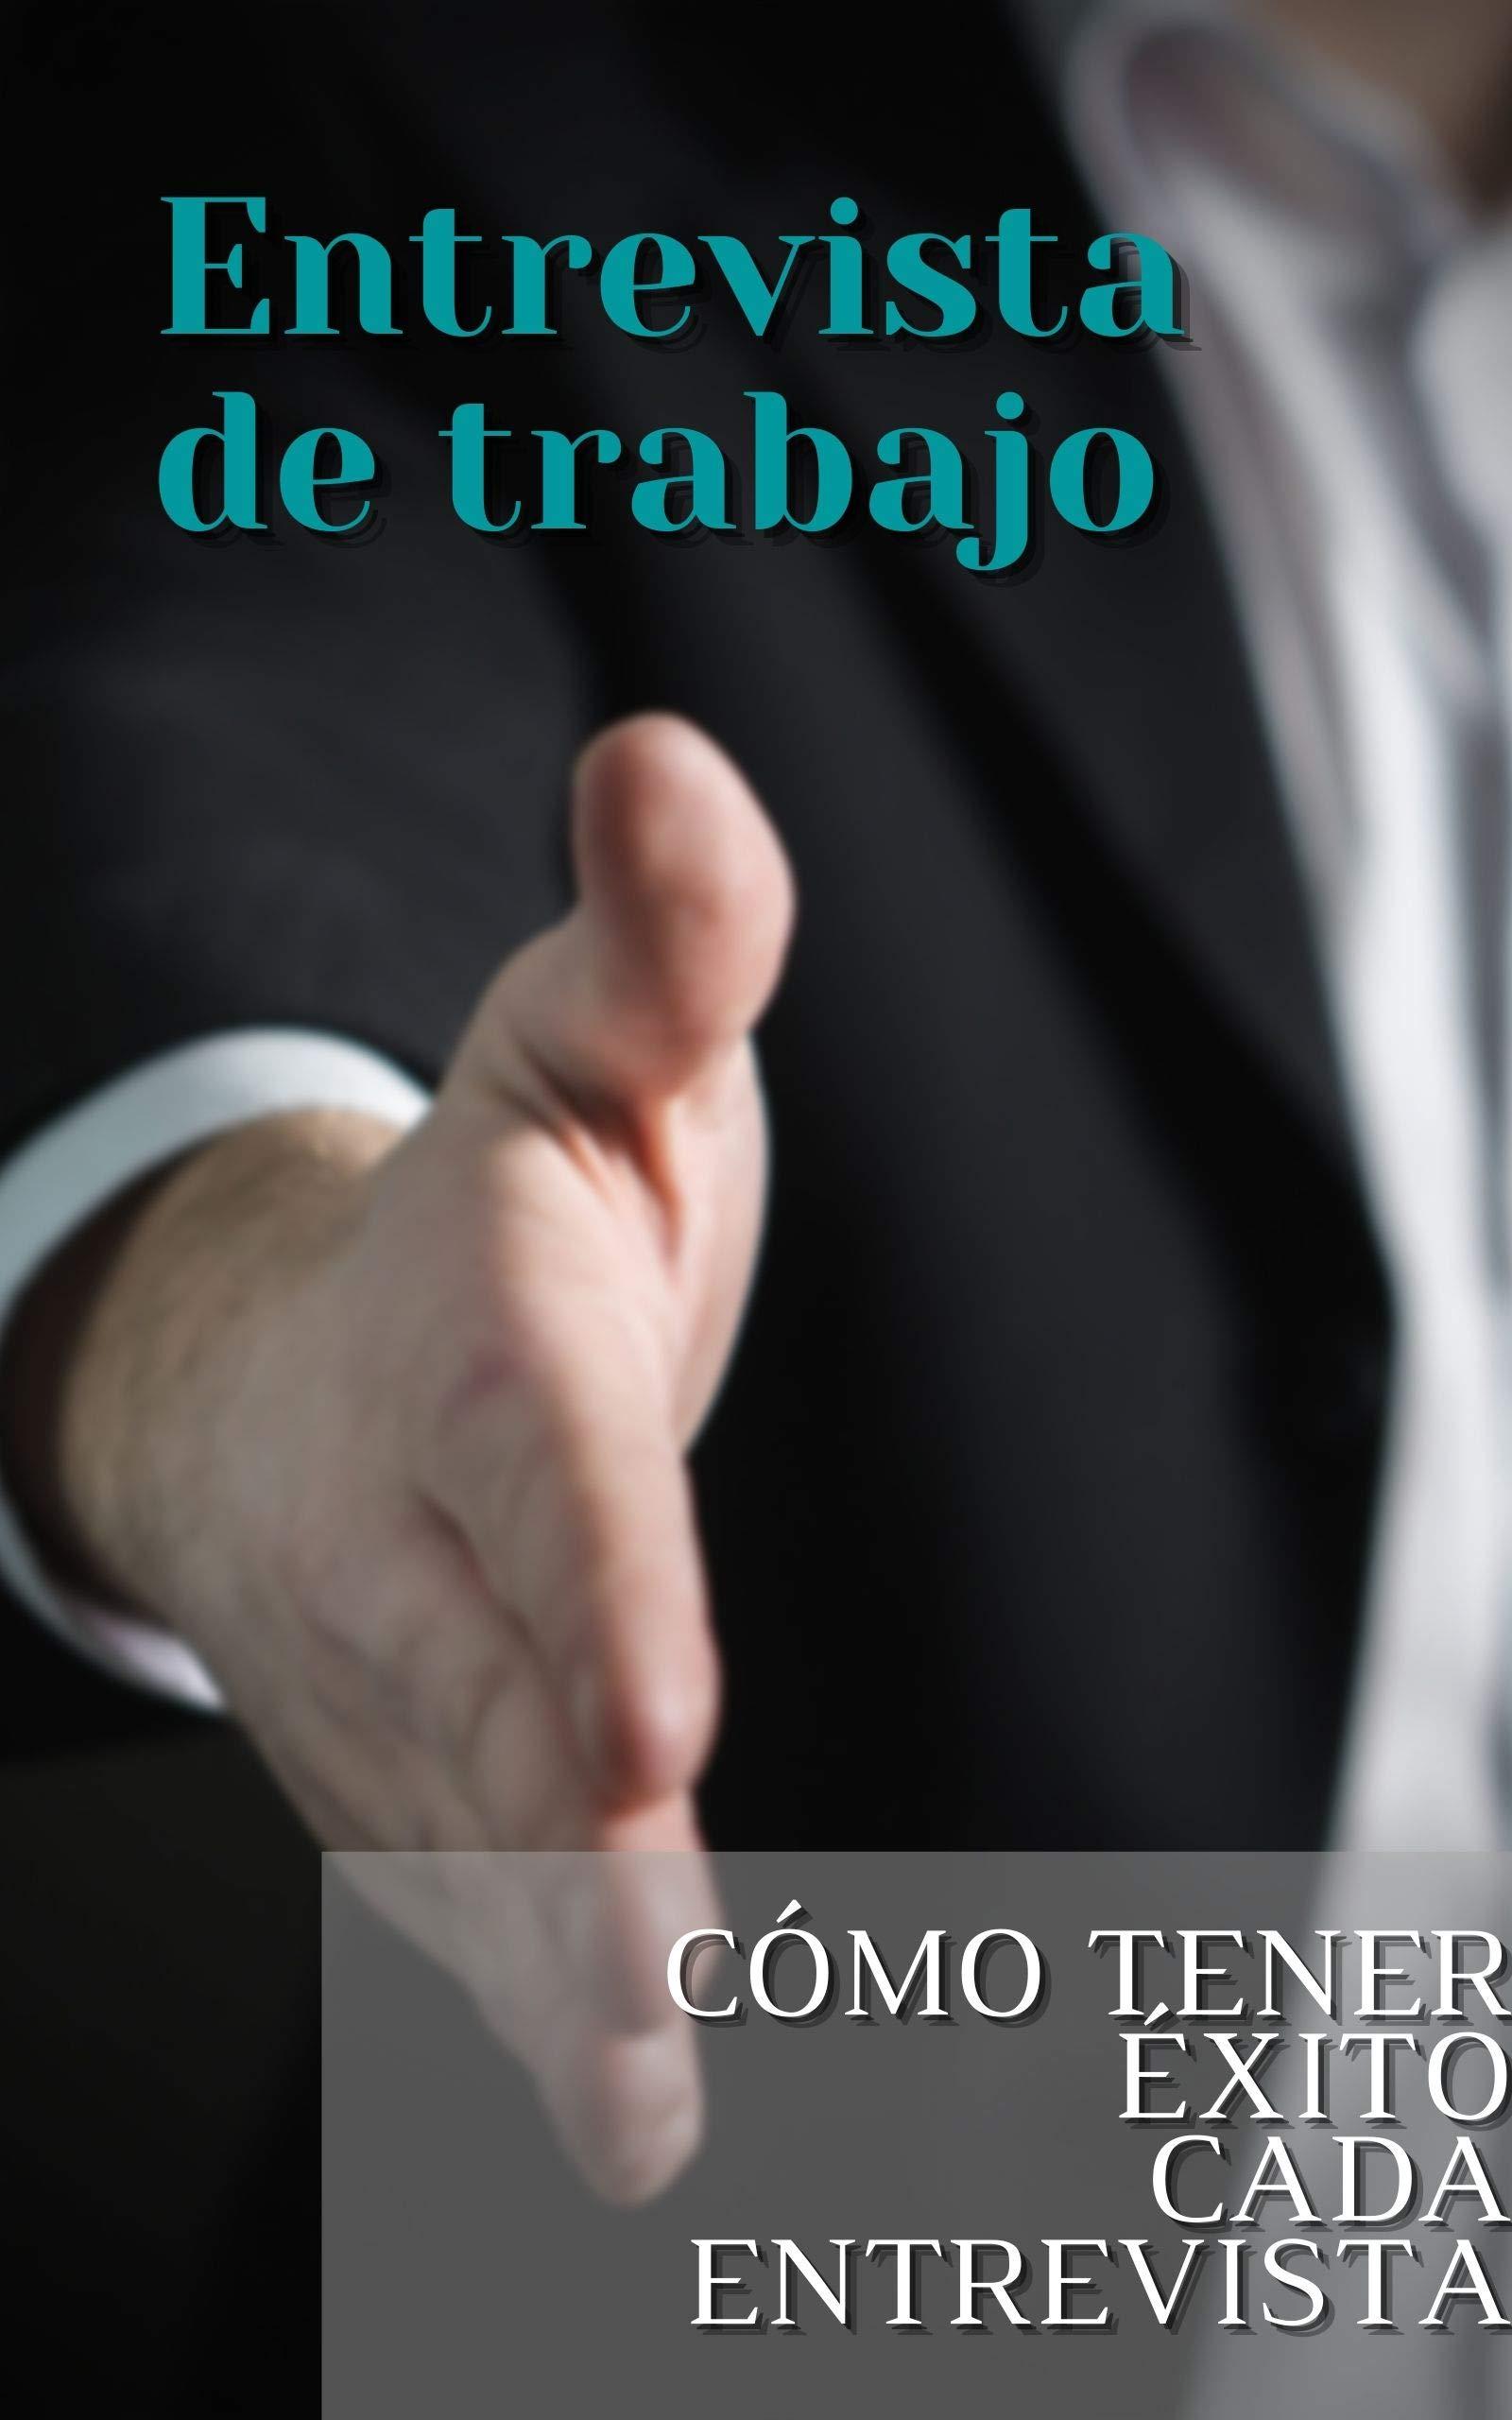 Entrevista de trabajo: Cómo tener éxito cada entrevista (Spanish Edition)